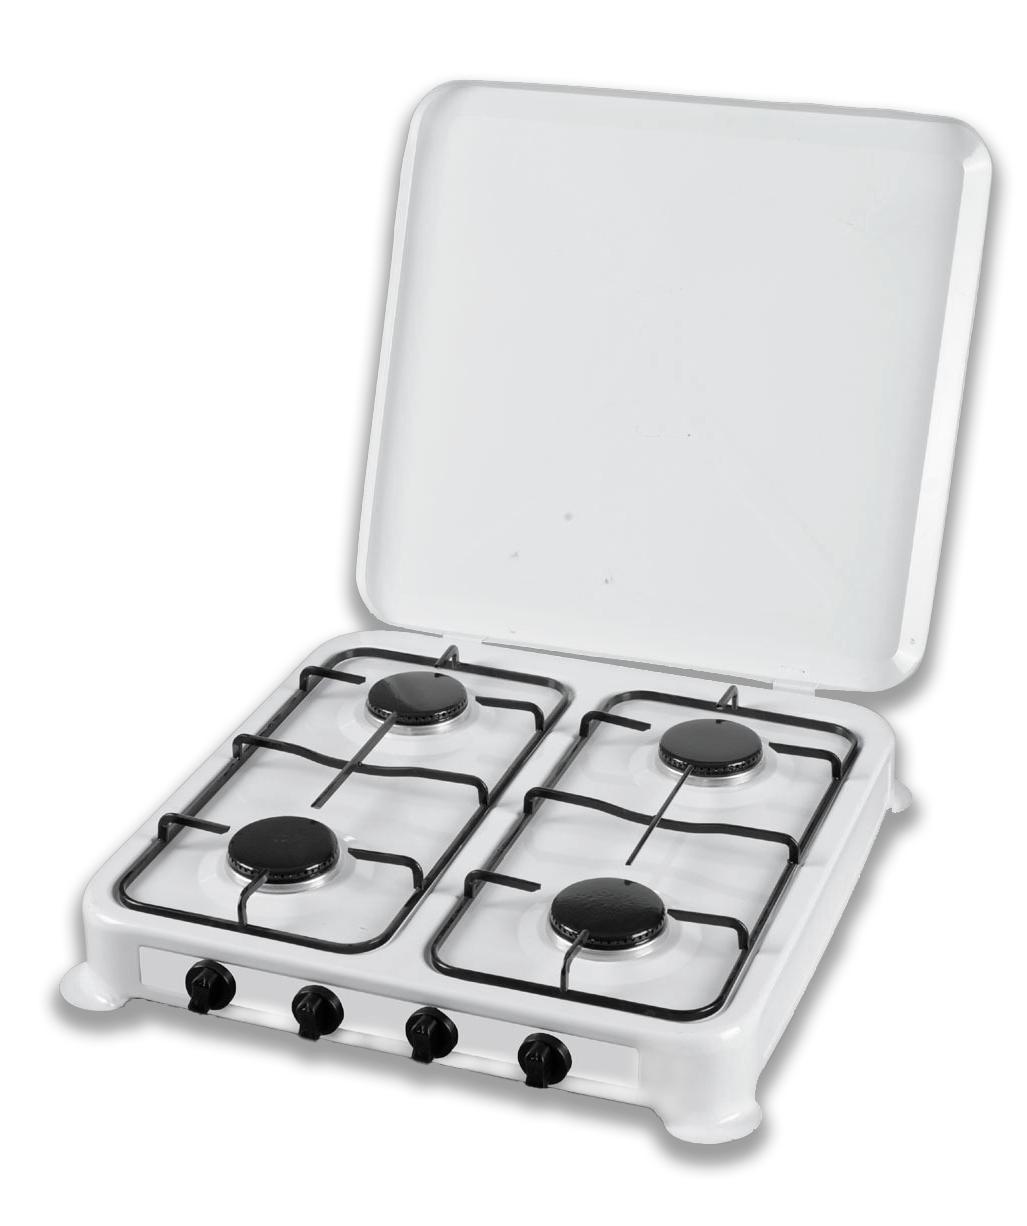 Настольная газовая плита таганок Domotec на 4 конфорки, MS 6604